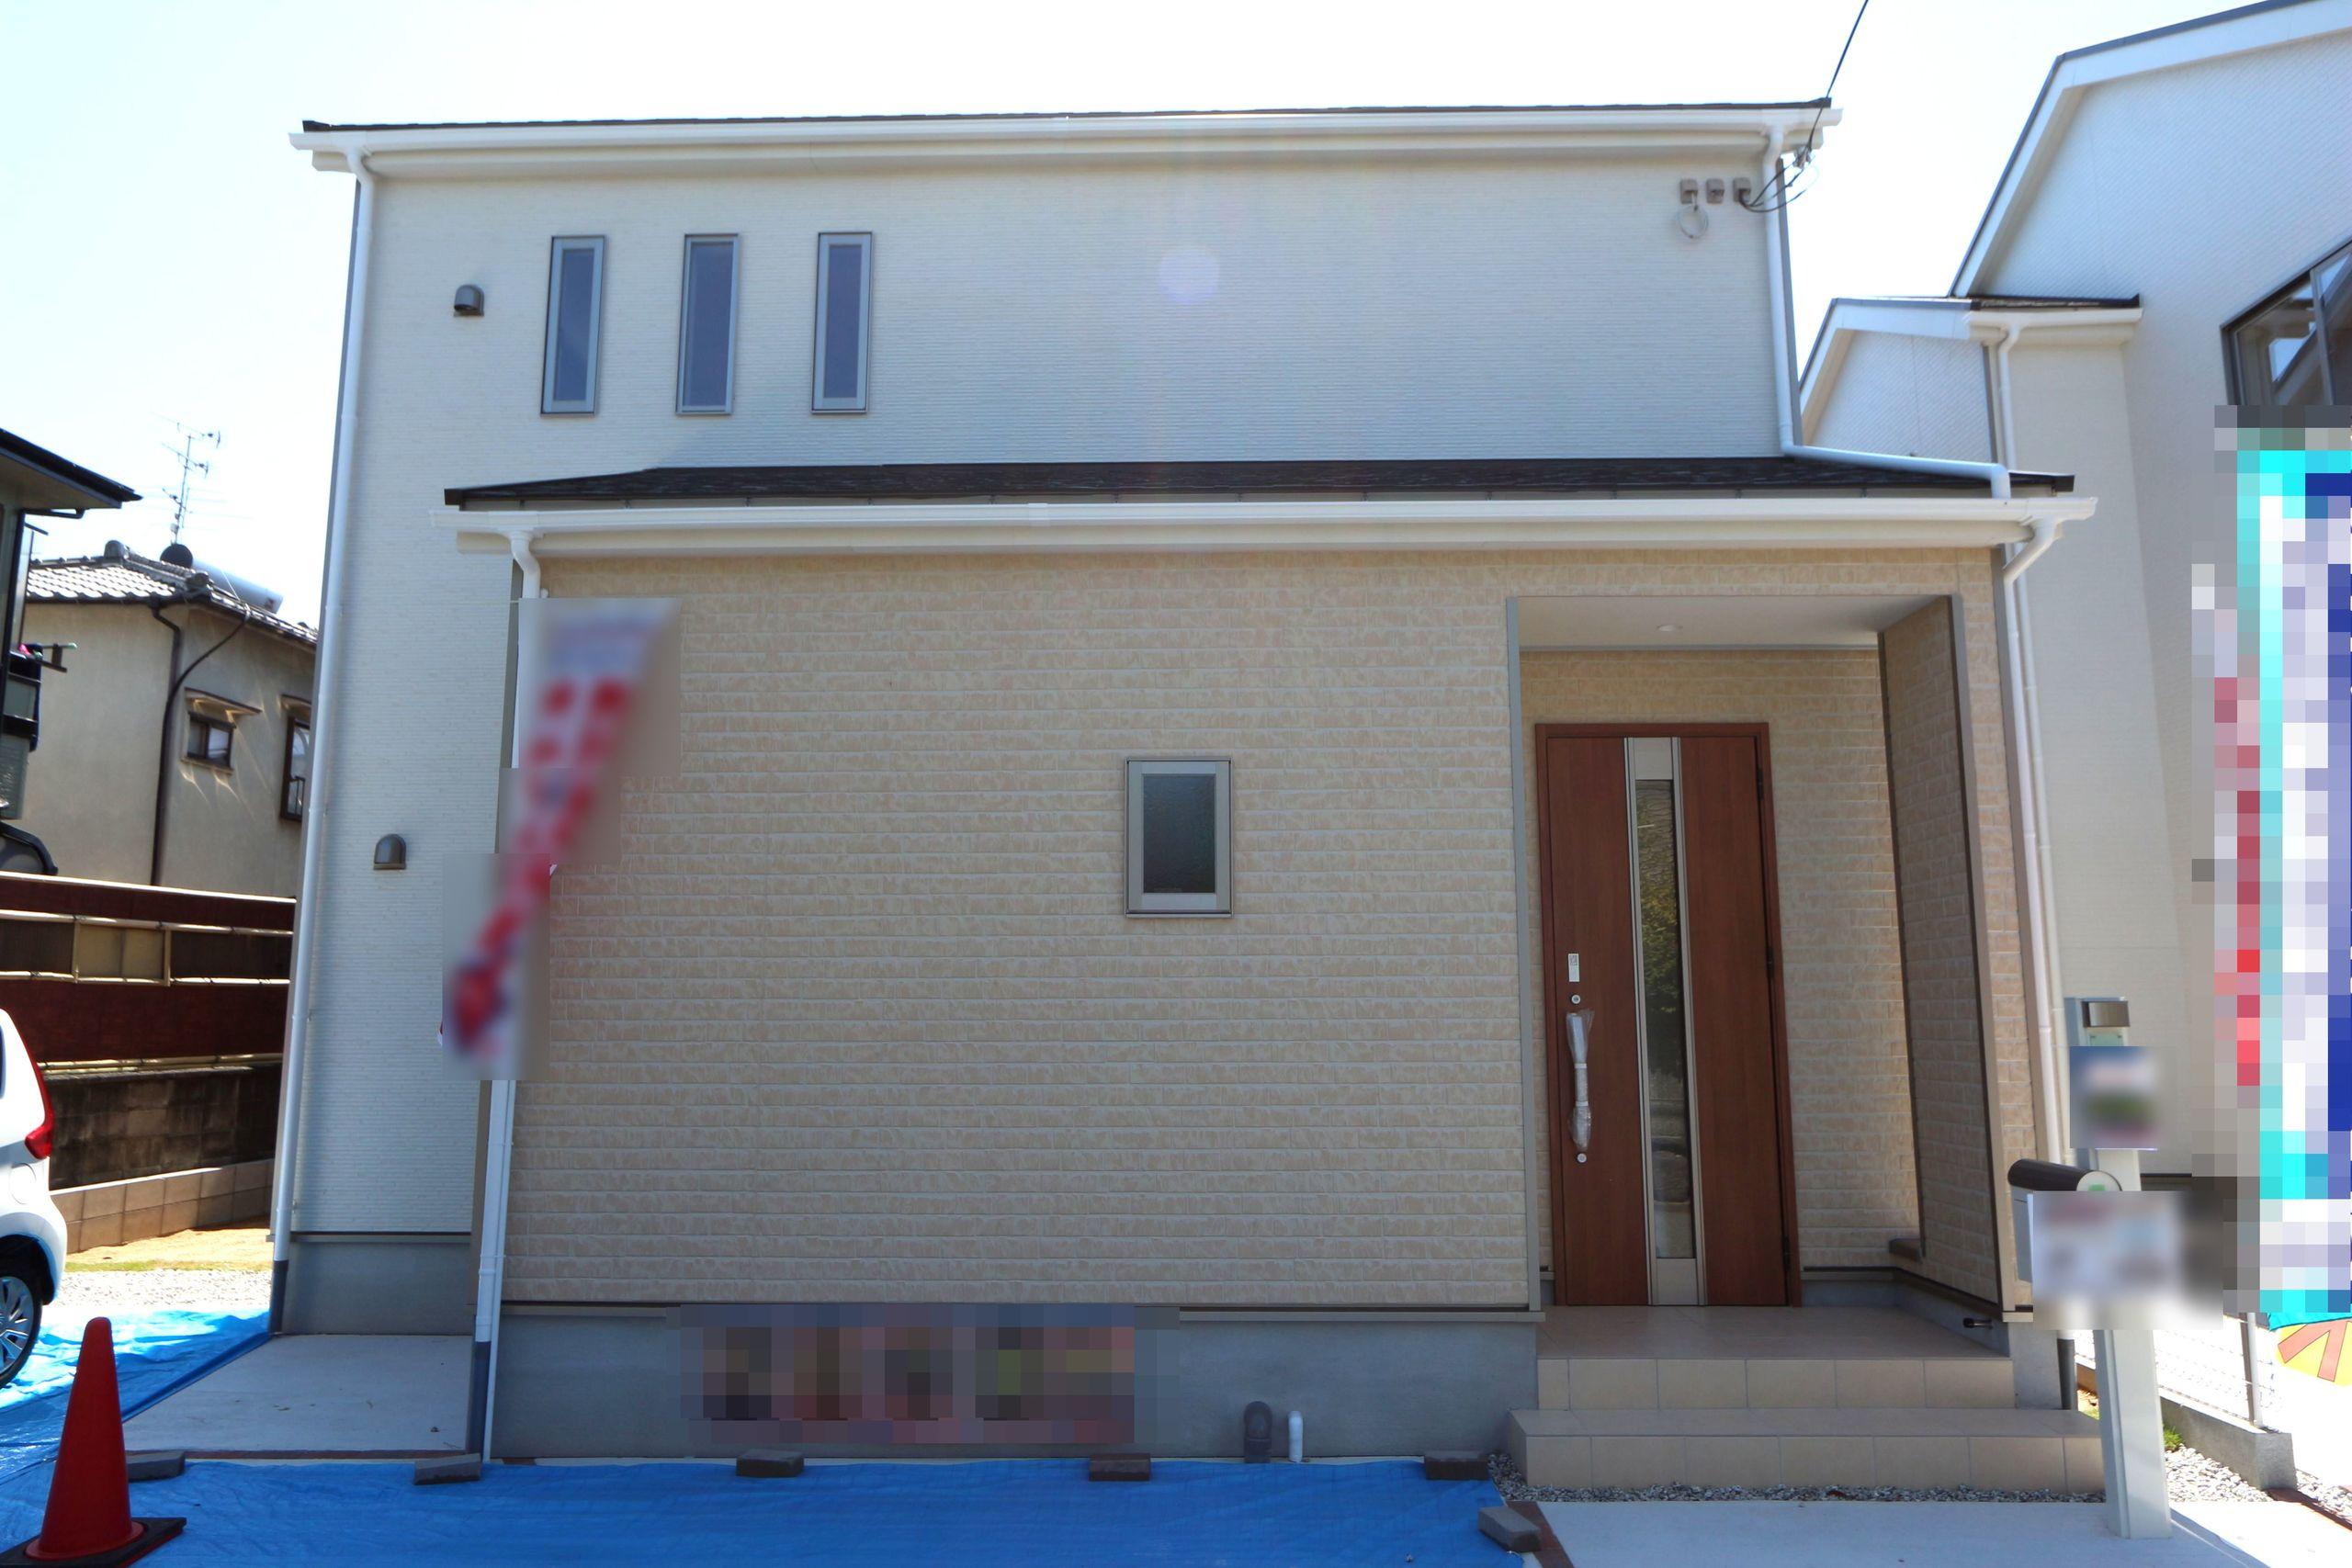 【外観写真】 完成しておりますので、お好きな日にご覧頂けます。 お支払いは月々5万円台!! お家賃並みのお支払いでマイホームが実現できます。